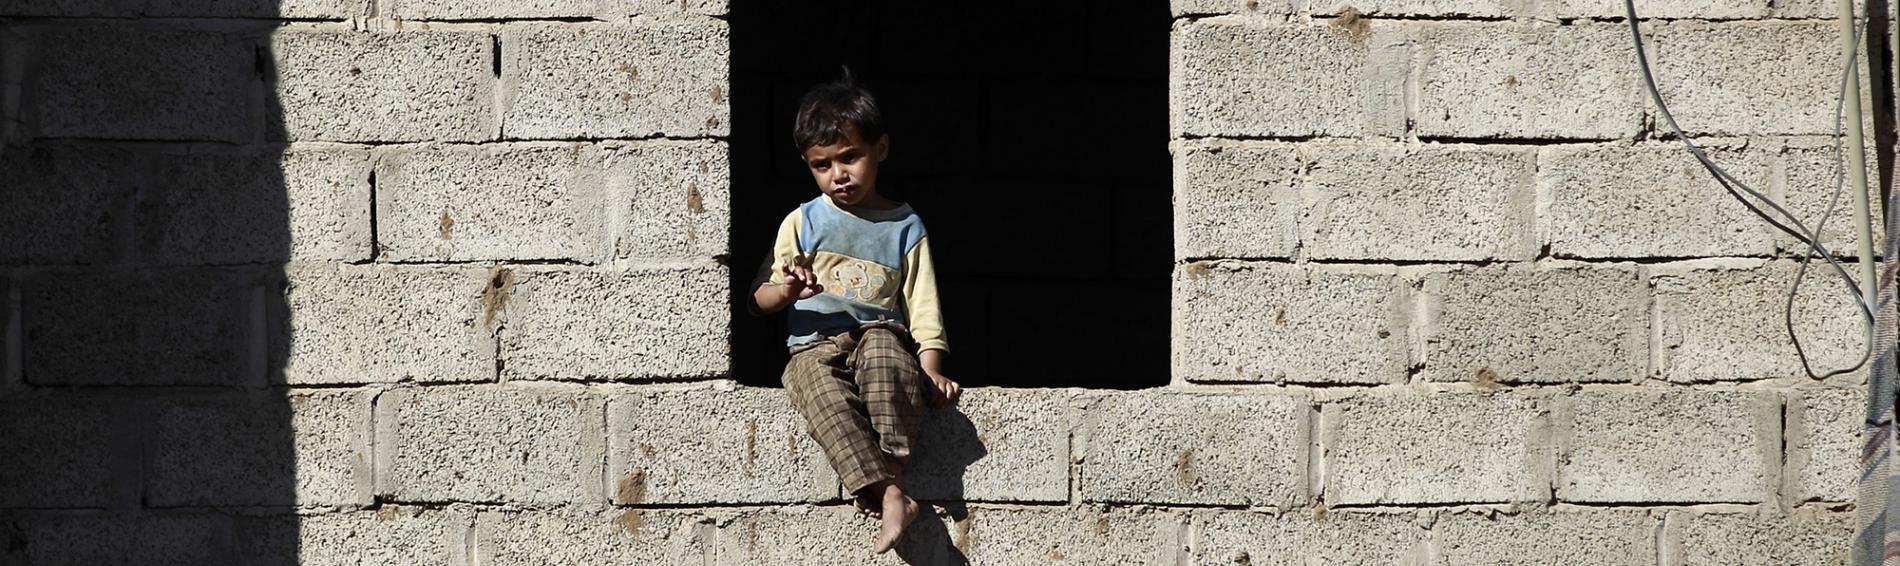 Kleiner Junge im Jemen